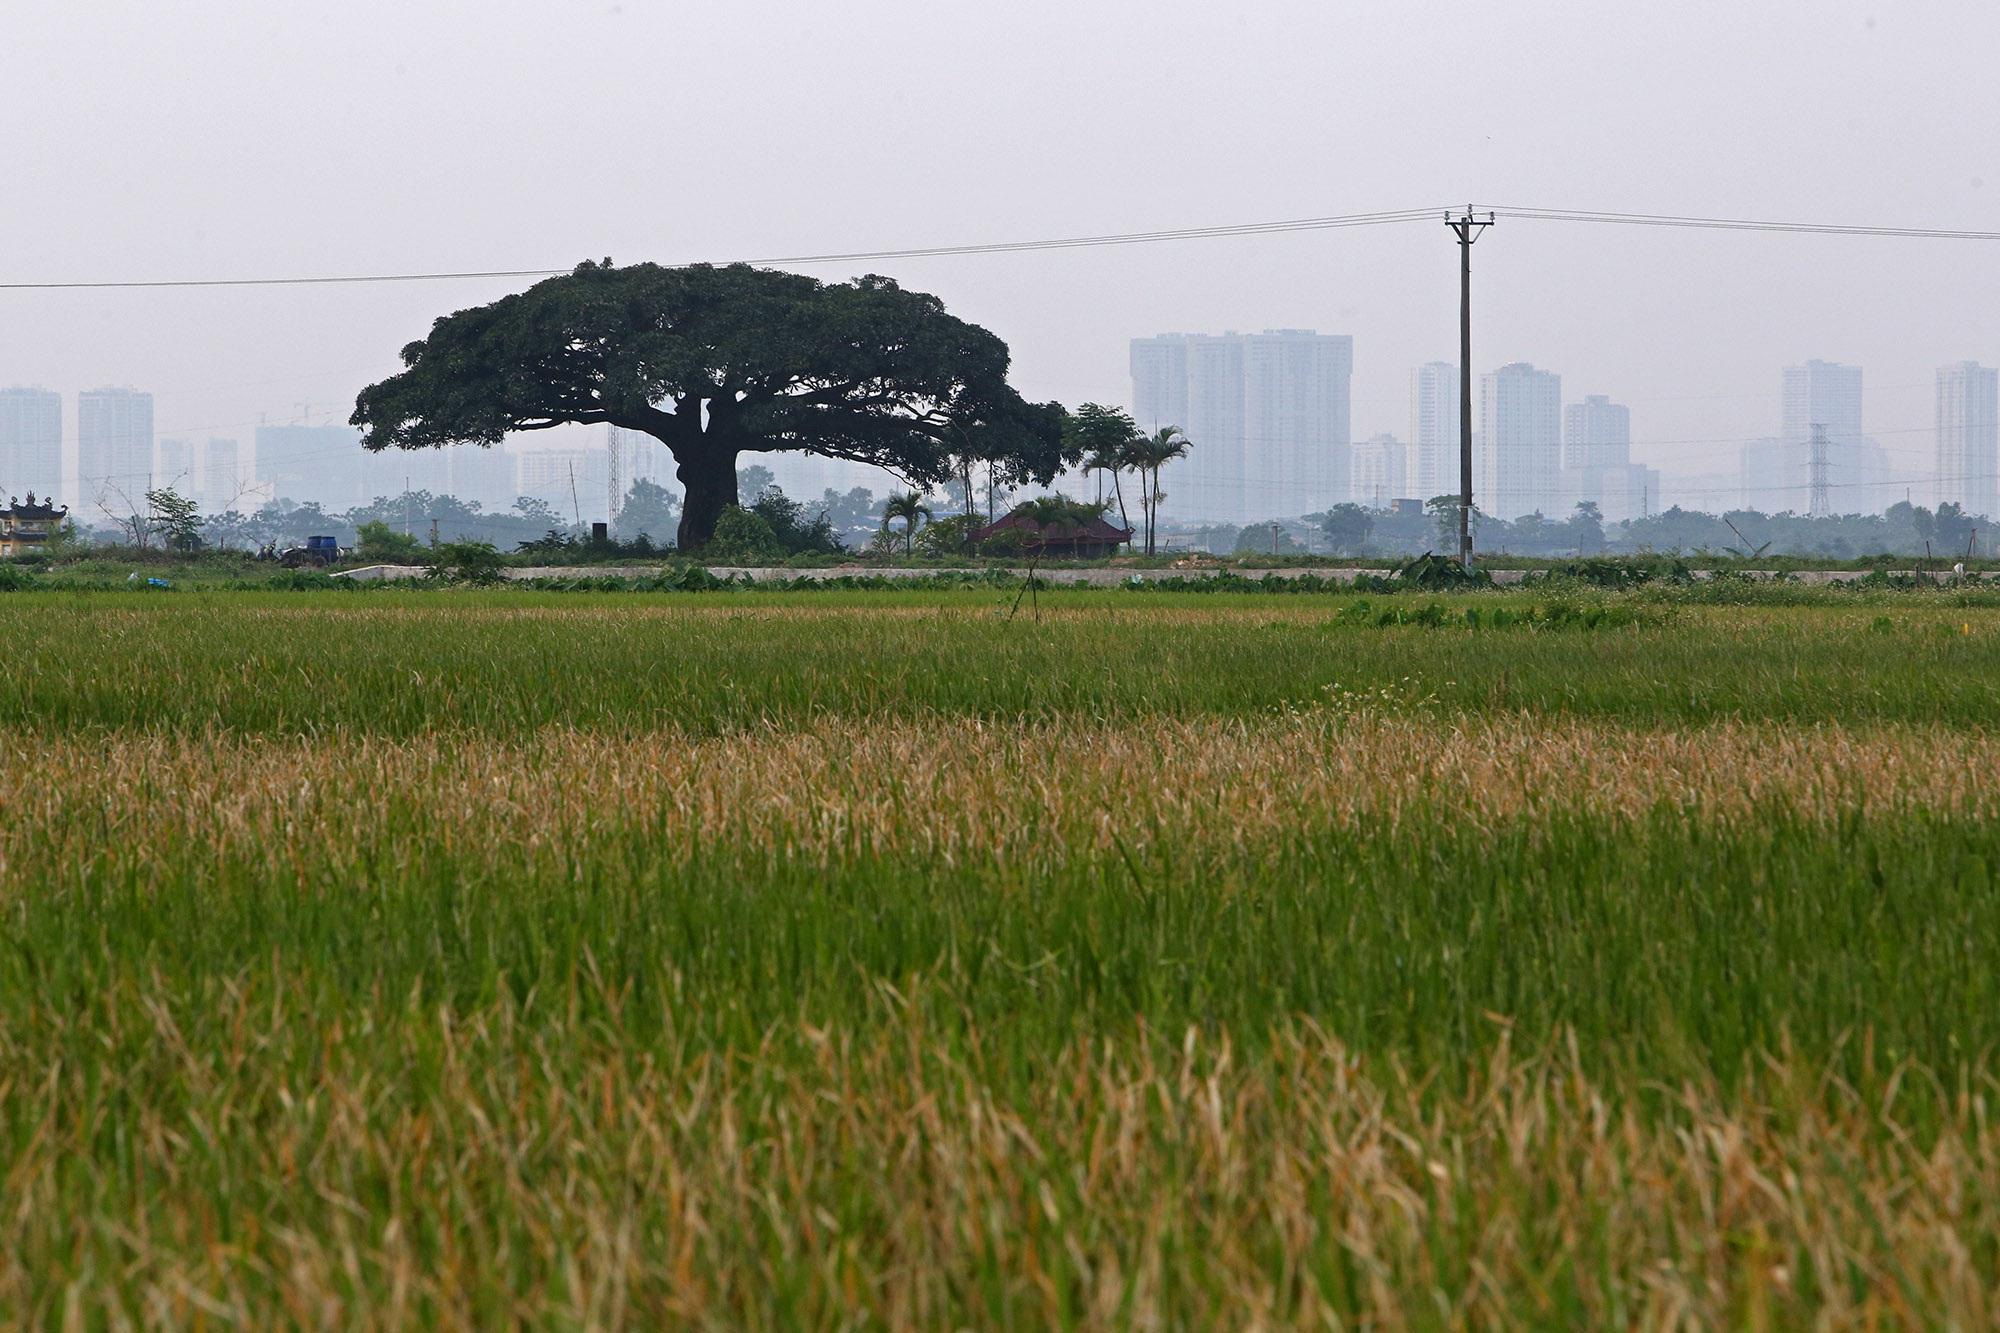 Hà Nội: Cây trôi cô đơn nghìn năm tuổi, báu vật của làng Bình Đà - 8